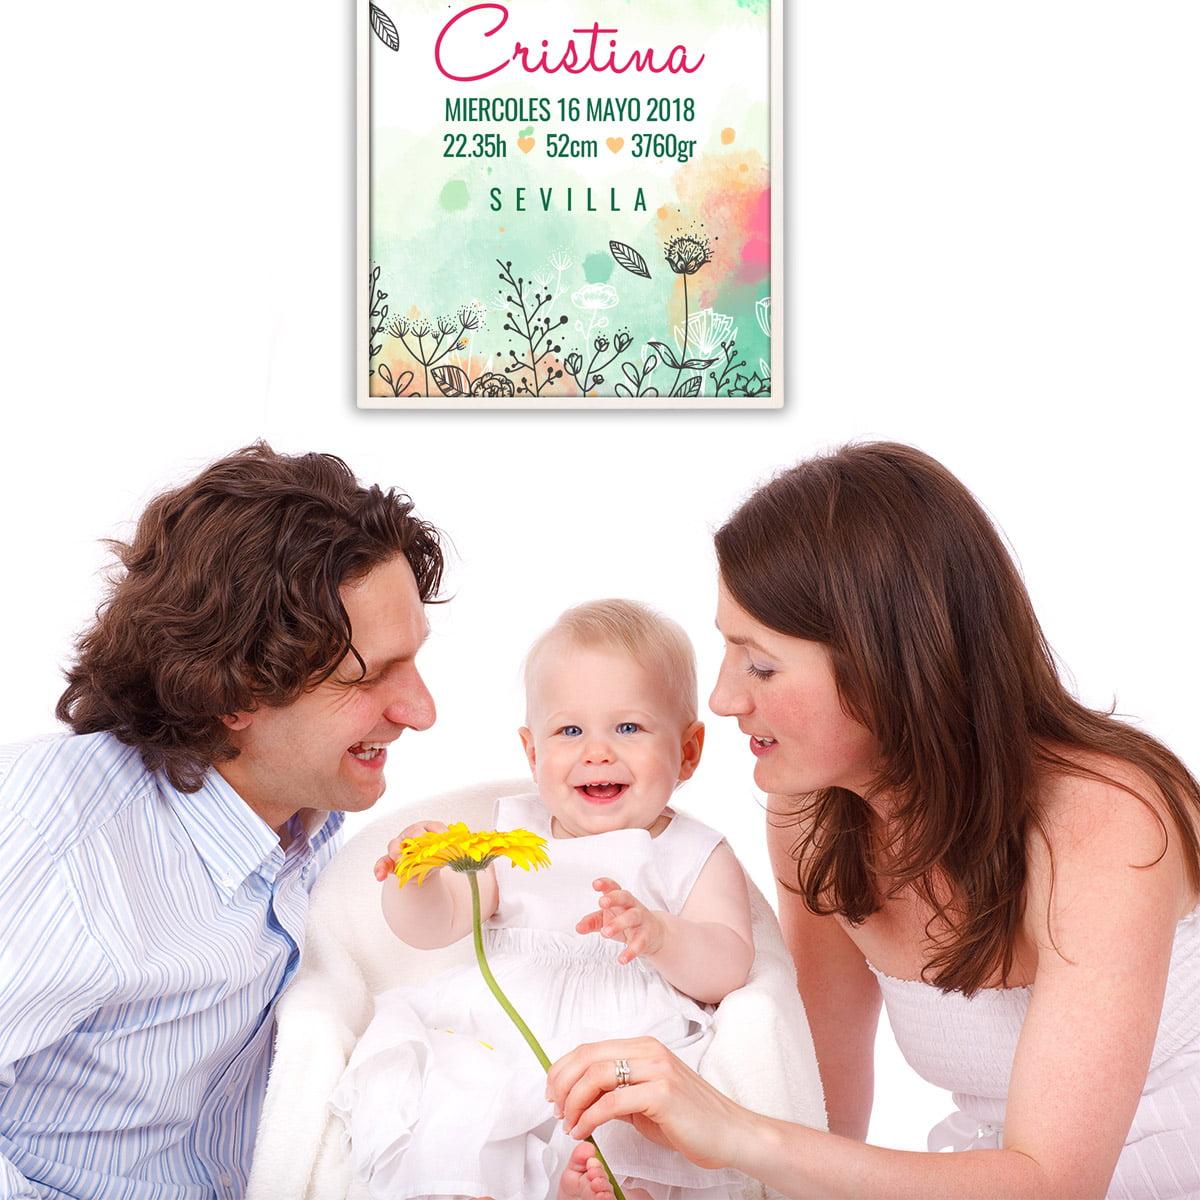 Lamina de nacimiento Meri Flowers con mamá y papá